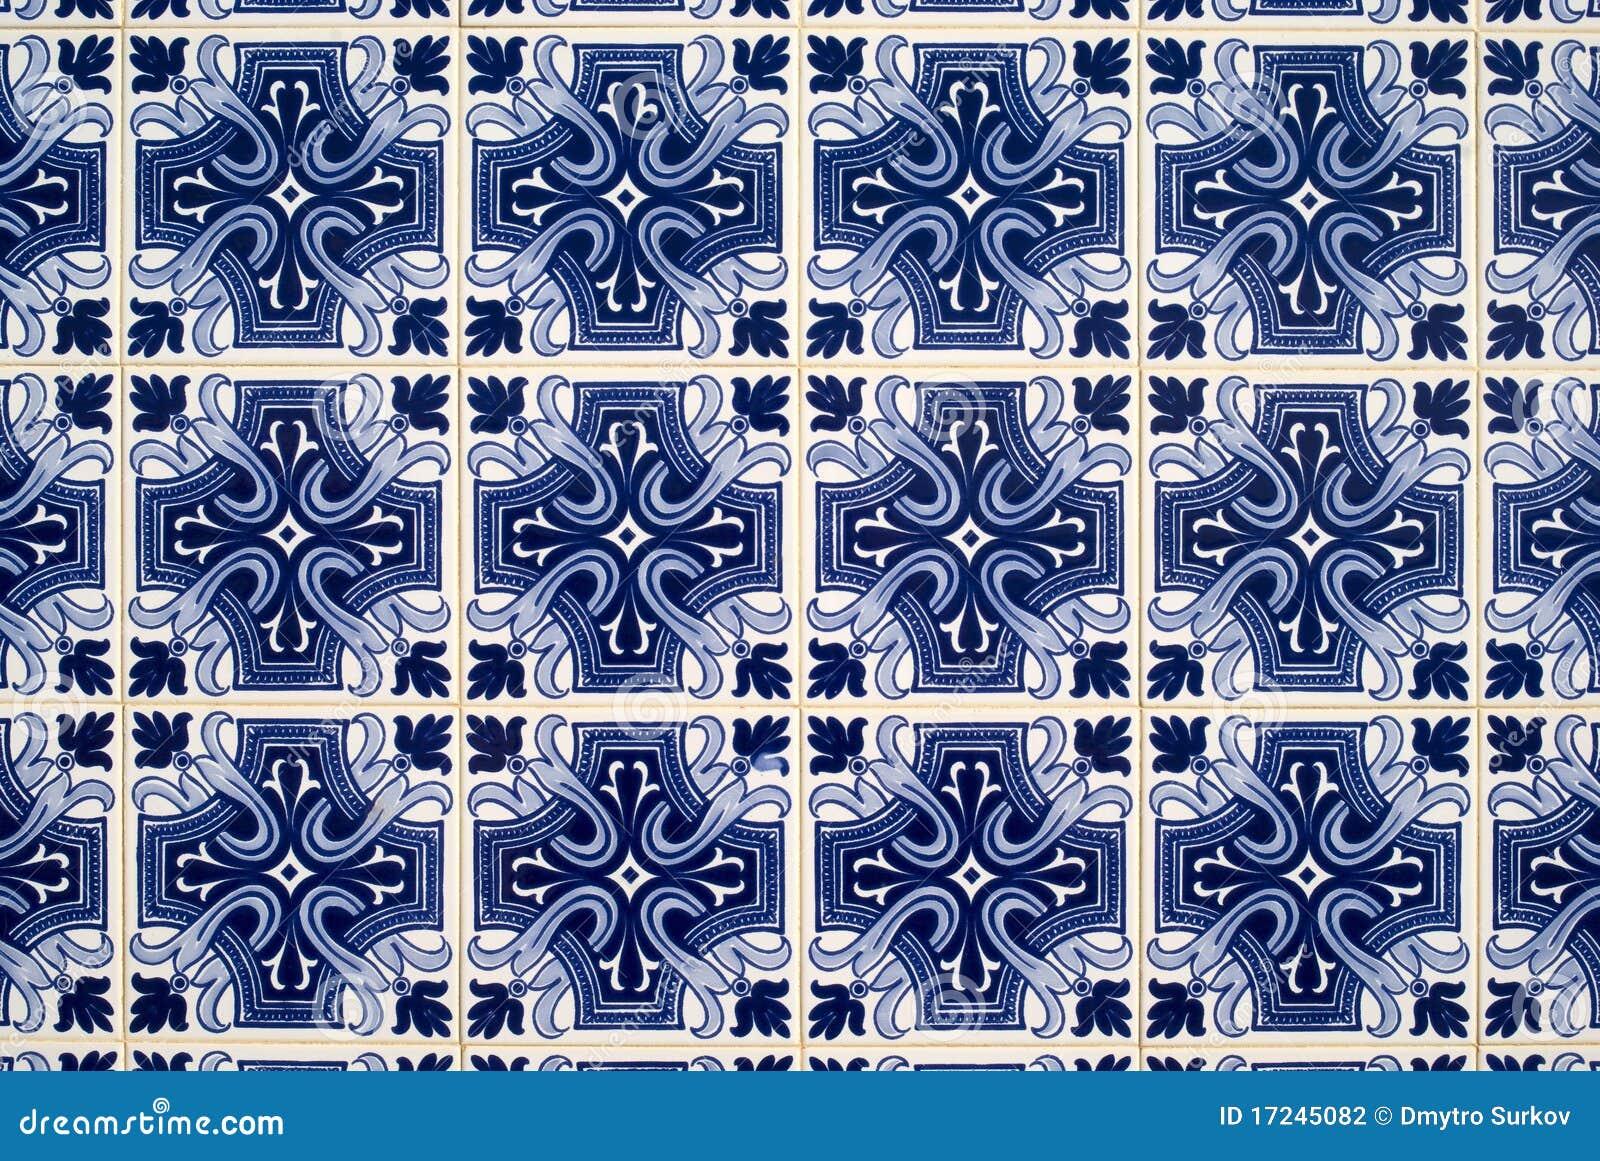 azulejos portugueses fundo telhado velho fotografia de. Black Bedroom Furniture Sets. Home Design Ideas